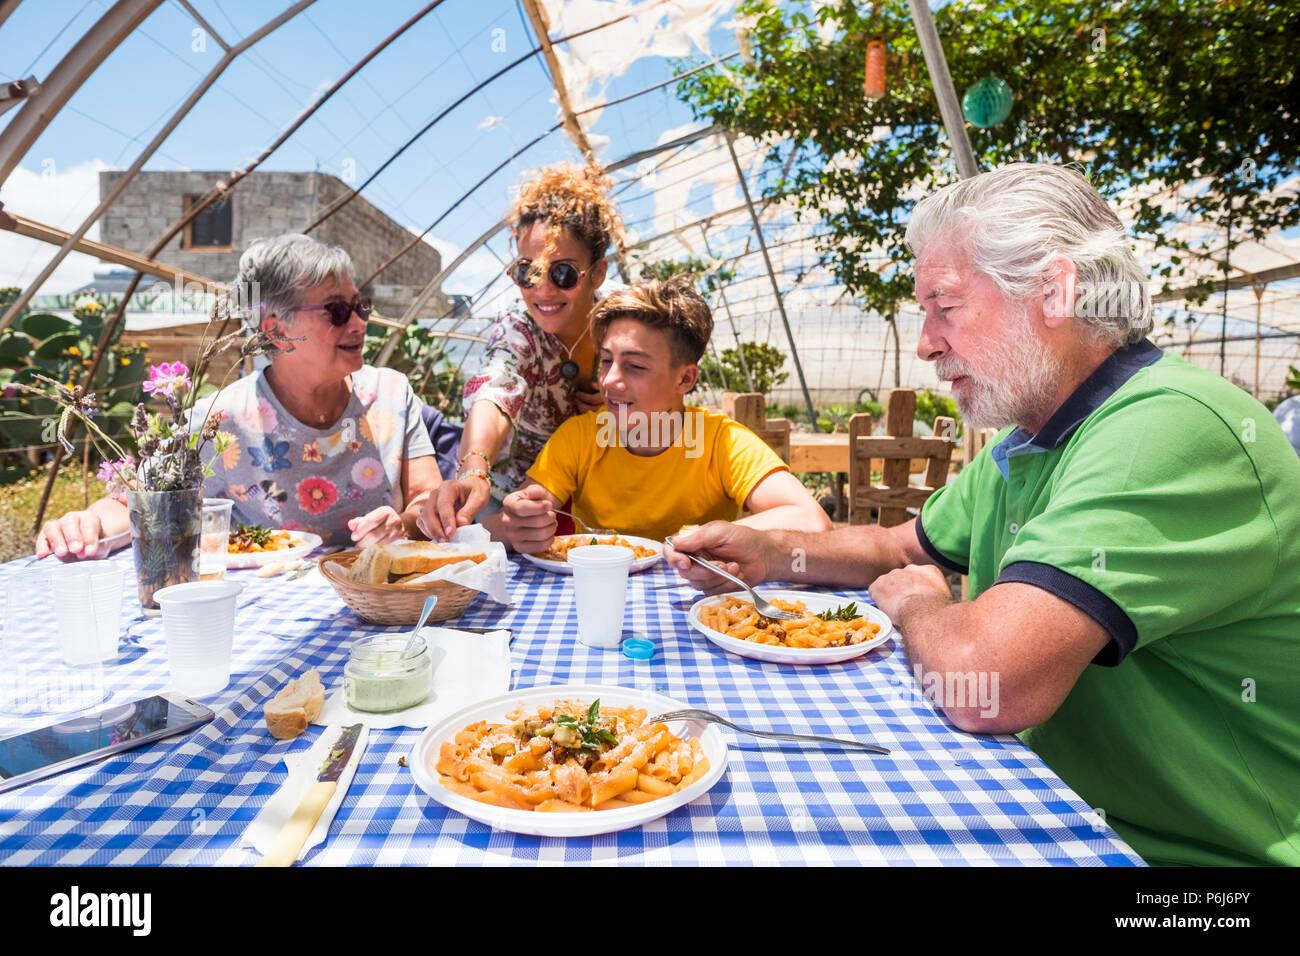 Schöne Freizeit Outdoor in natürlichen Bio Restaurant für schöne schöne kaukasischen Familie mit allen Generationen von jung bis alt. Mutter, Sohn, Grand Stockbild